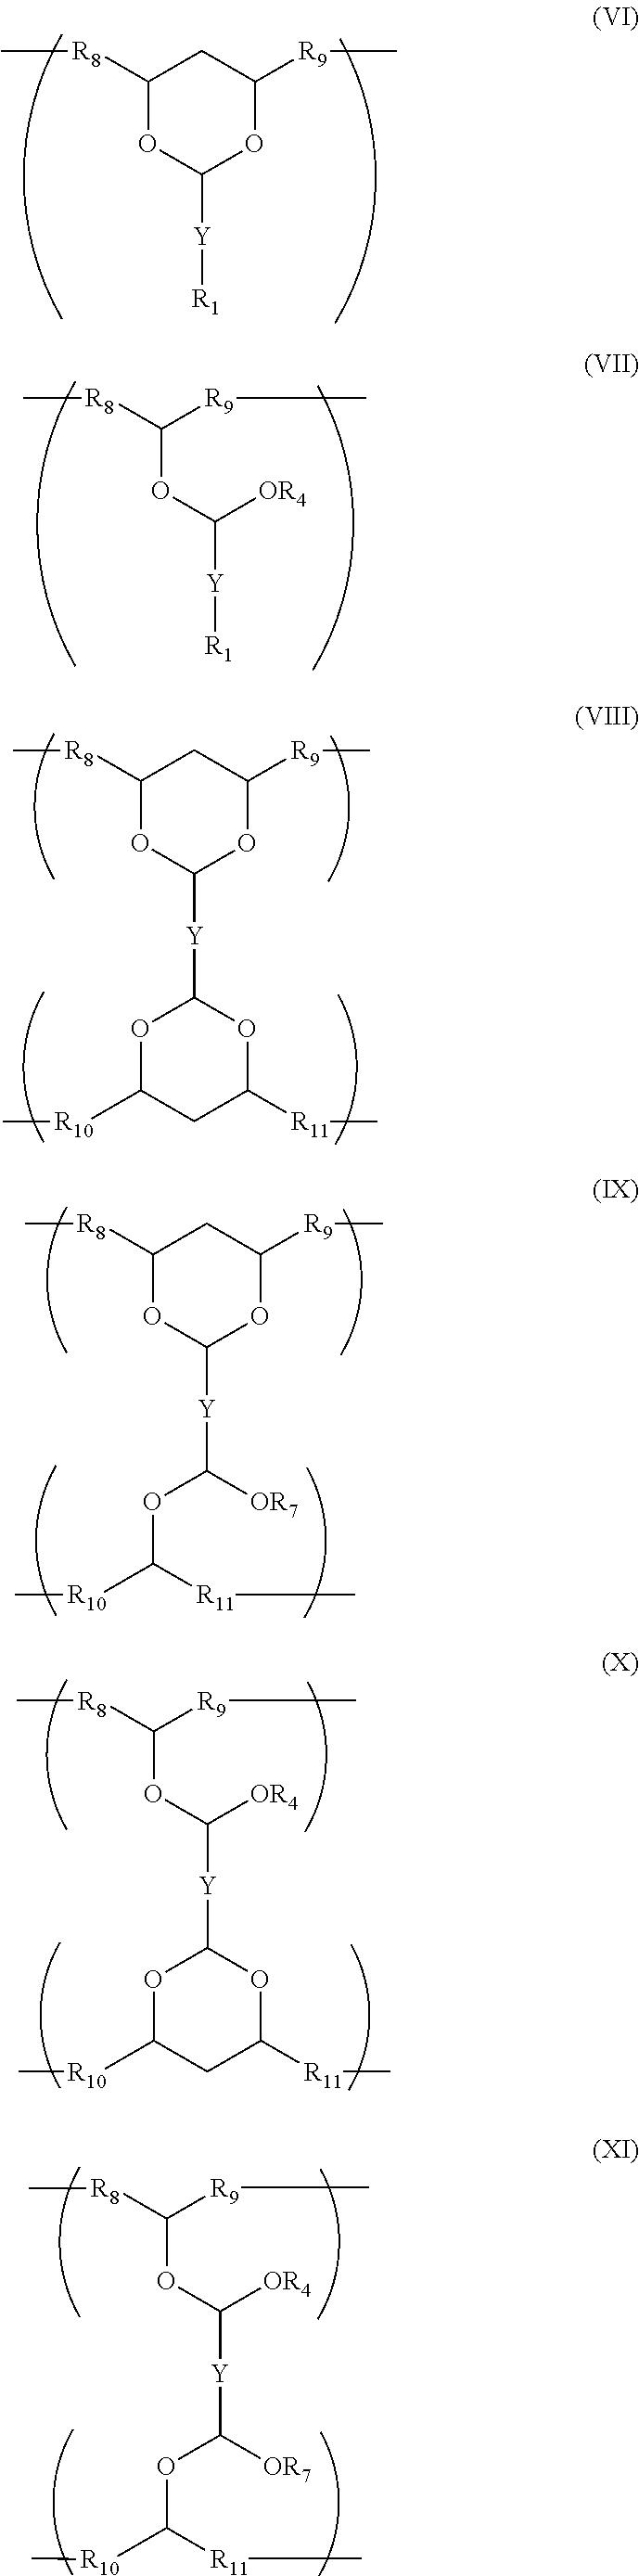 Figure US09884505-20180206-C00008